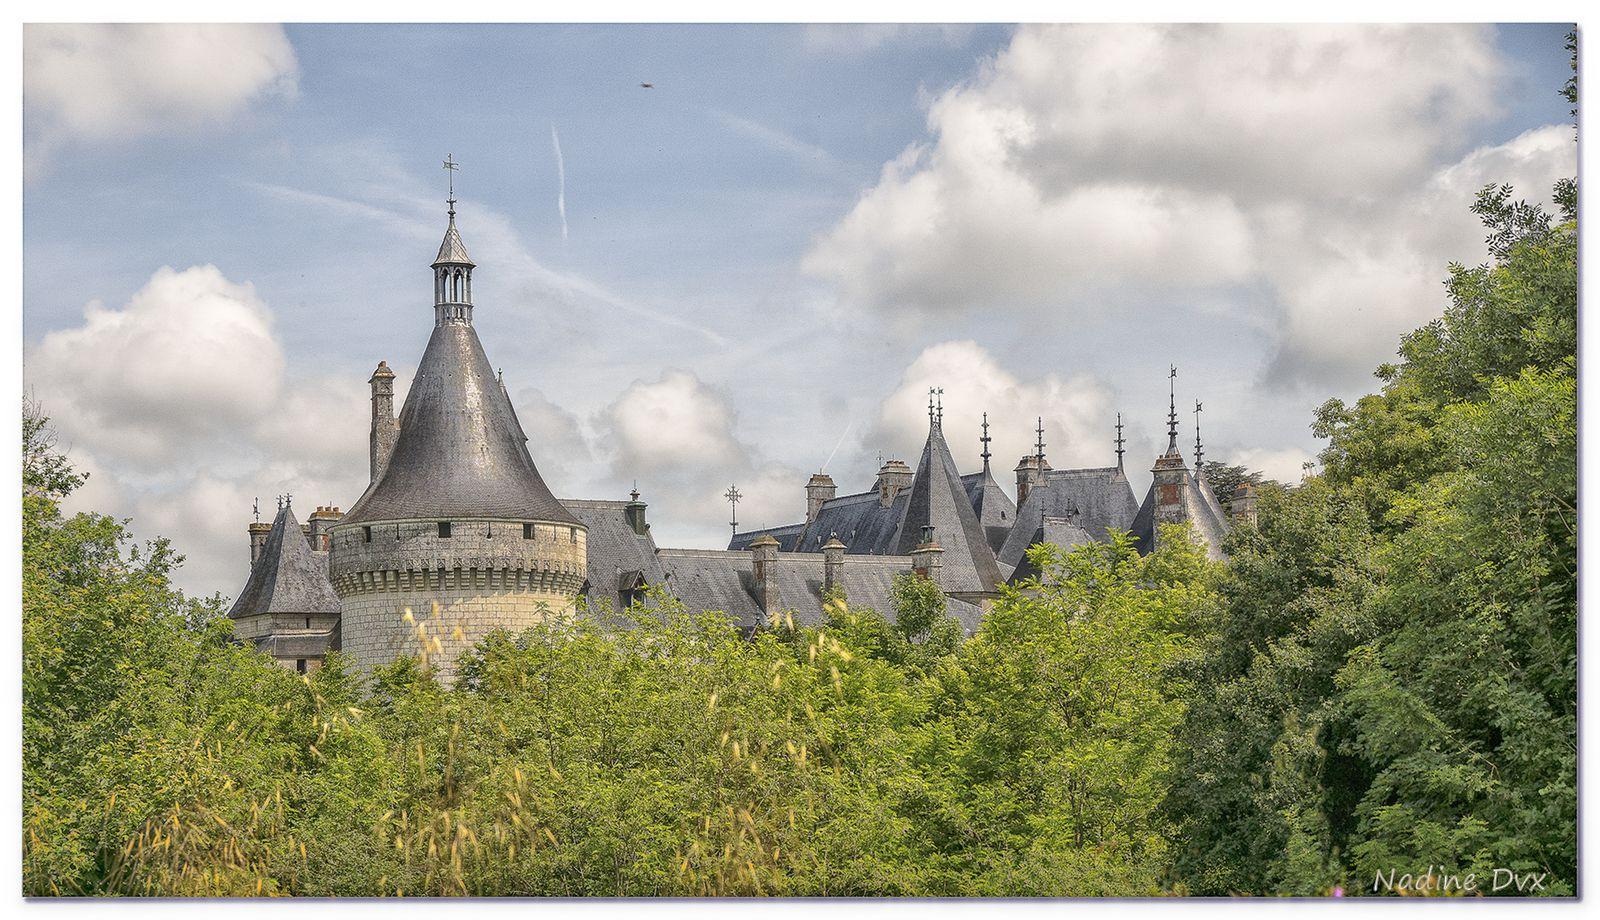 La cour du château de Chaumont-sur-Loire